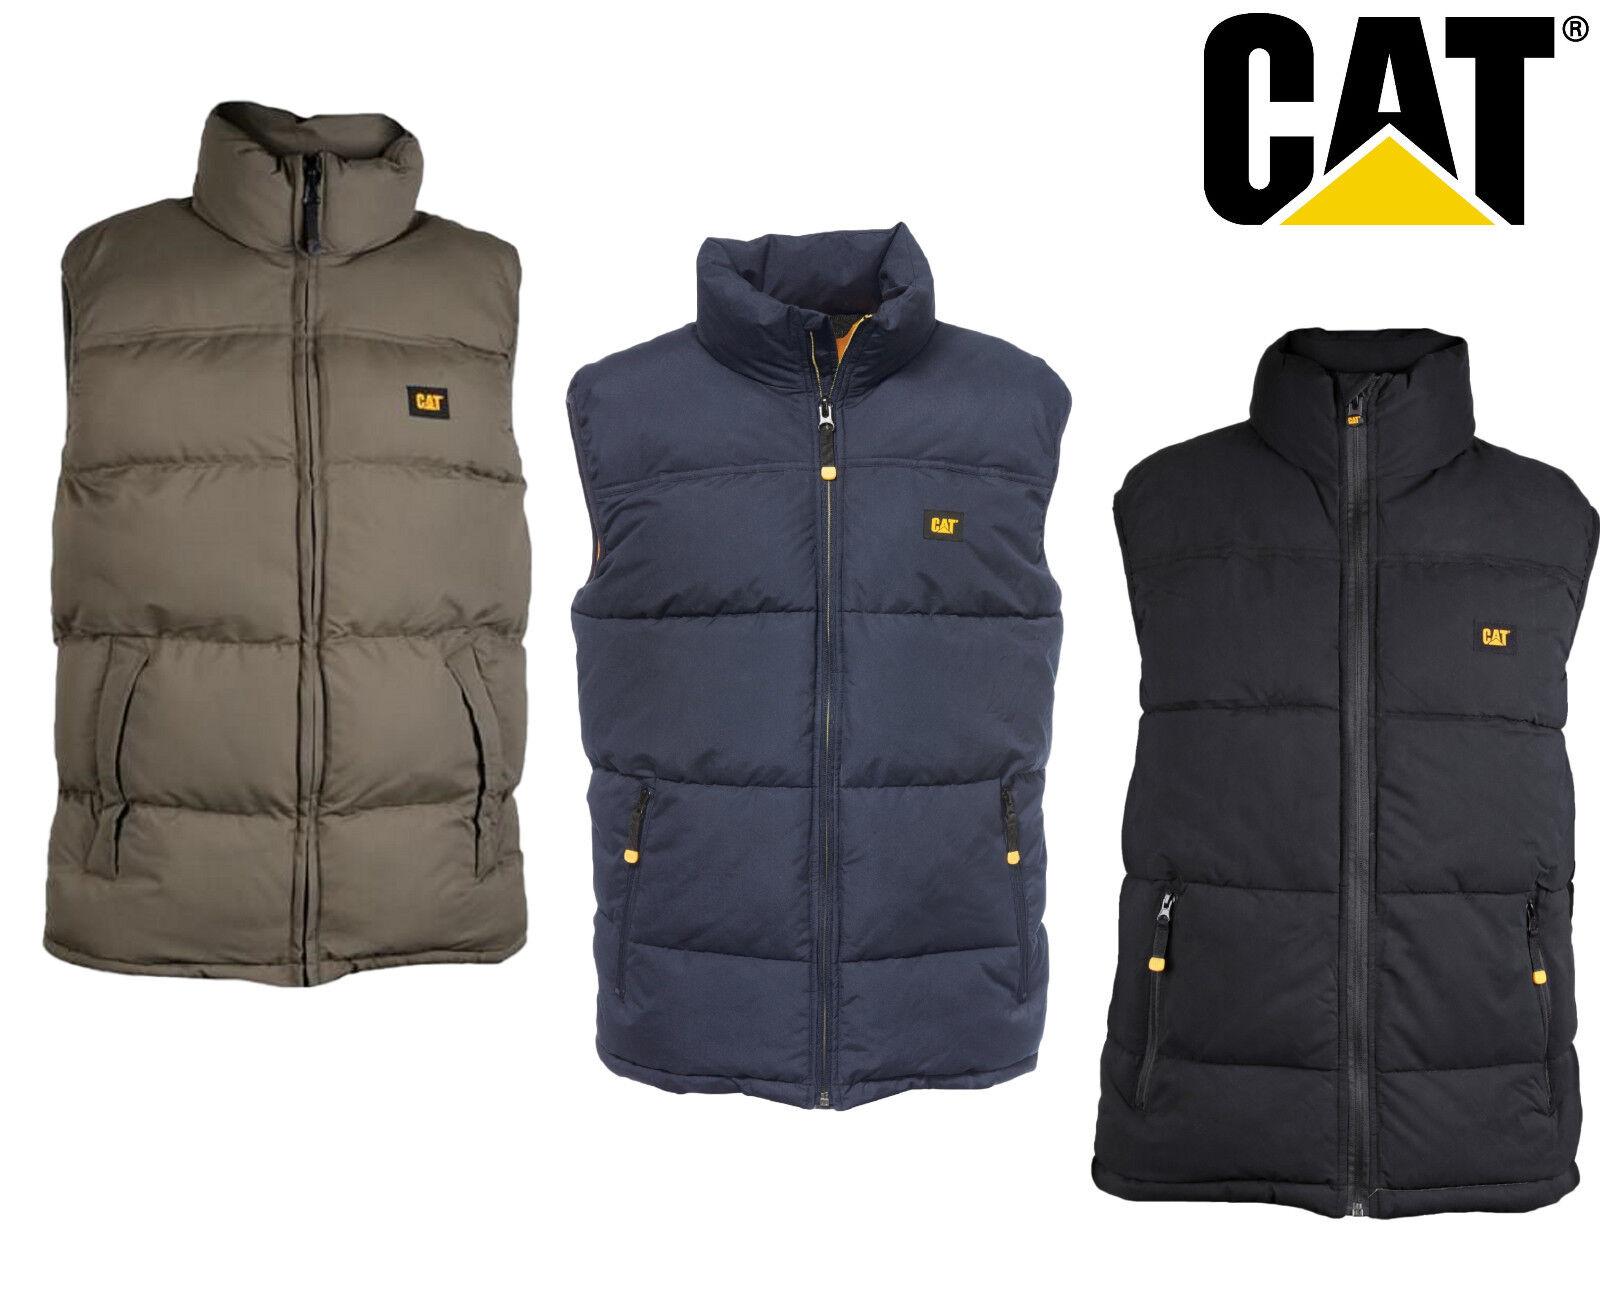 Cat// Caterpillar Instigator Water Resistant Vest Work Bodywarmer Gilet